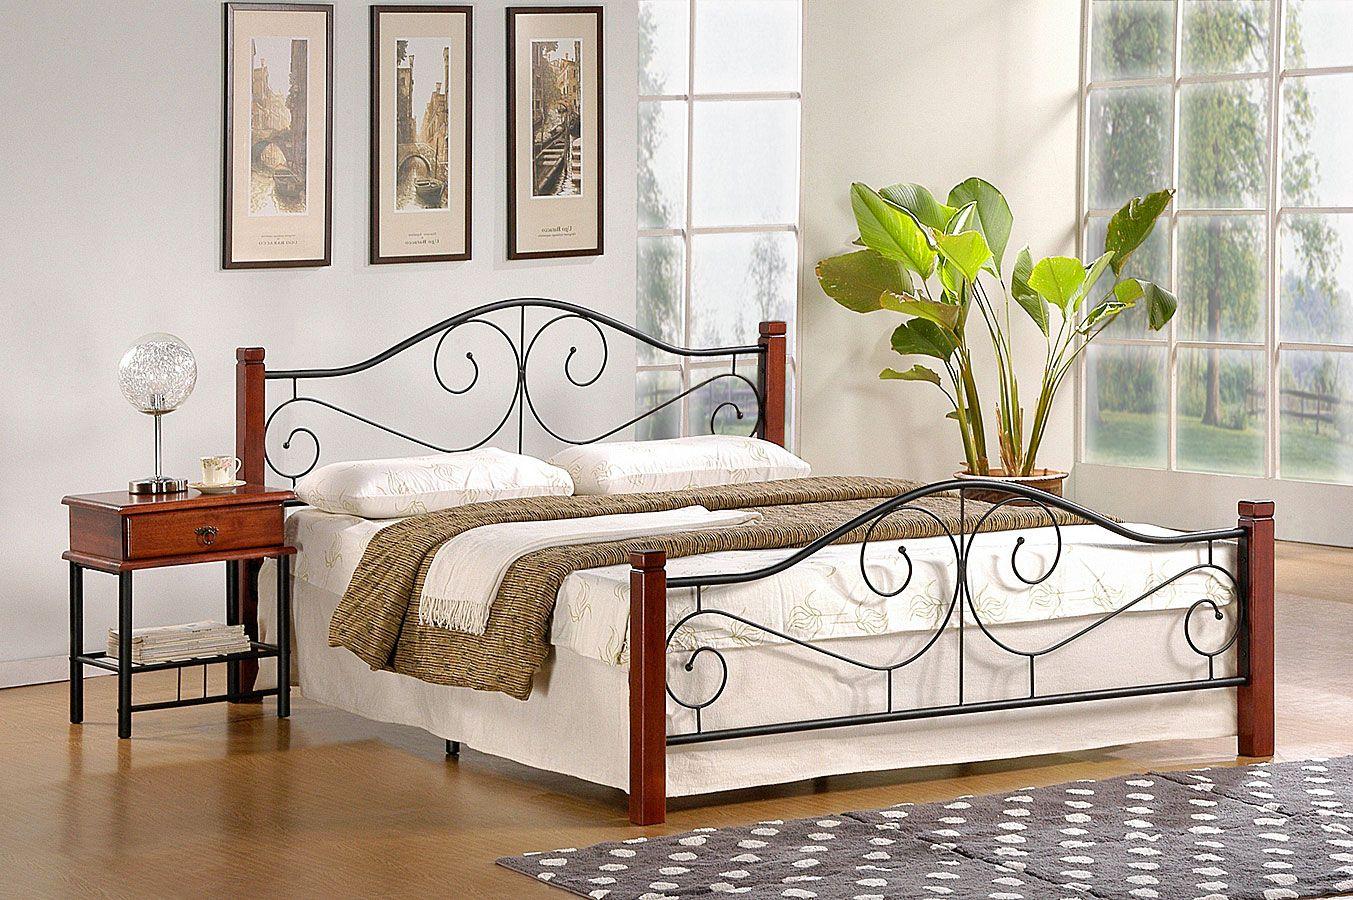 Metalowe łóżka idealne do sypialni w stylu industrialnym